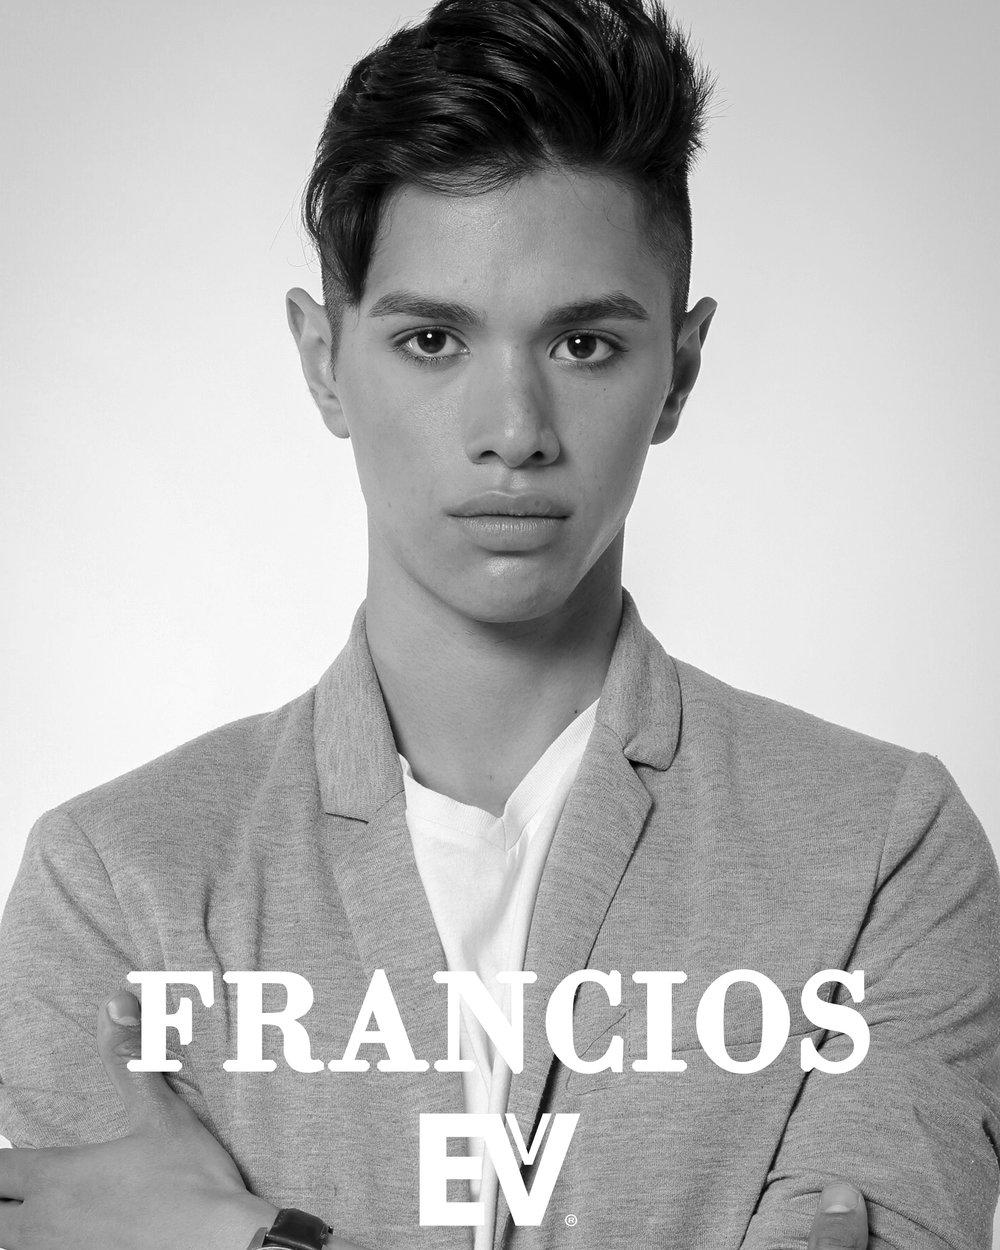 Francios 1.jpg